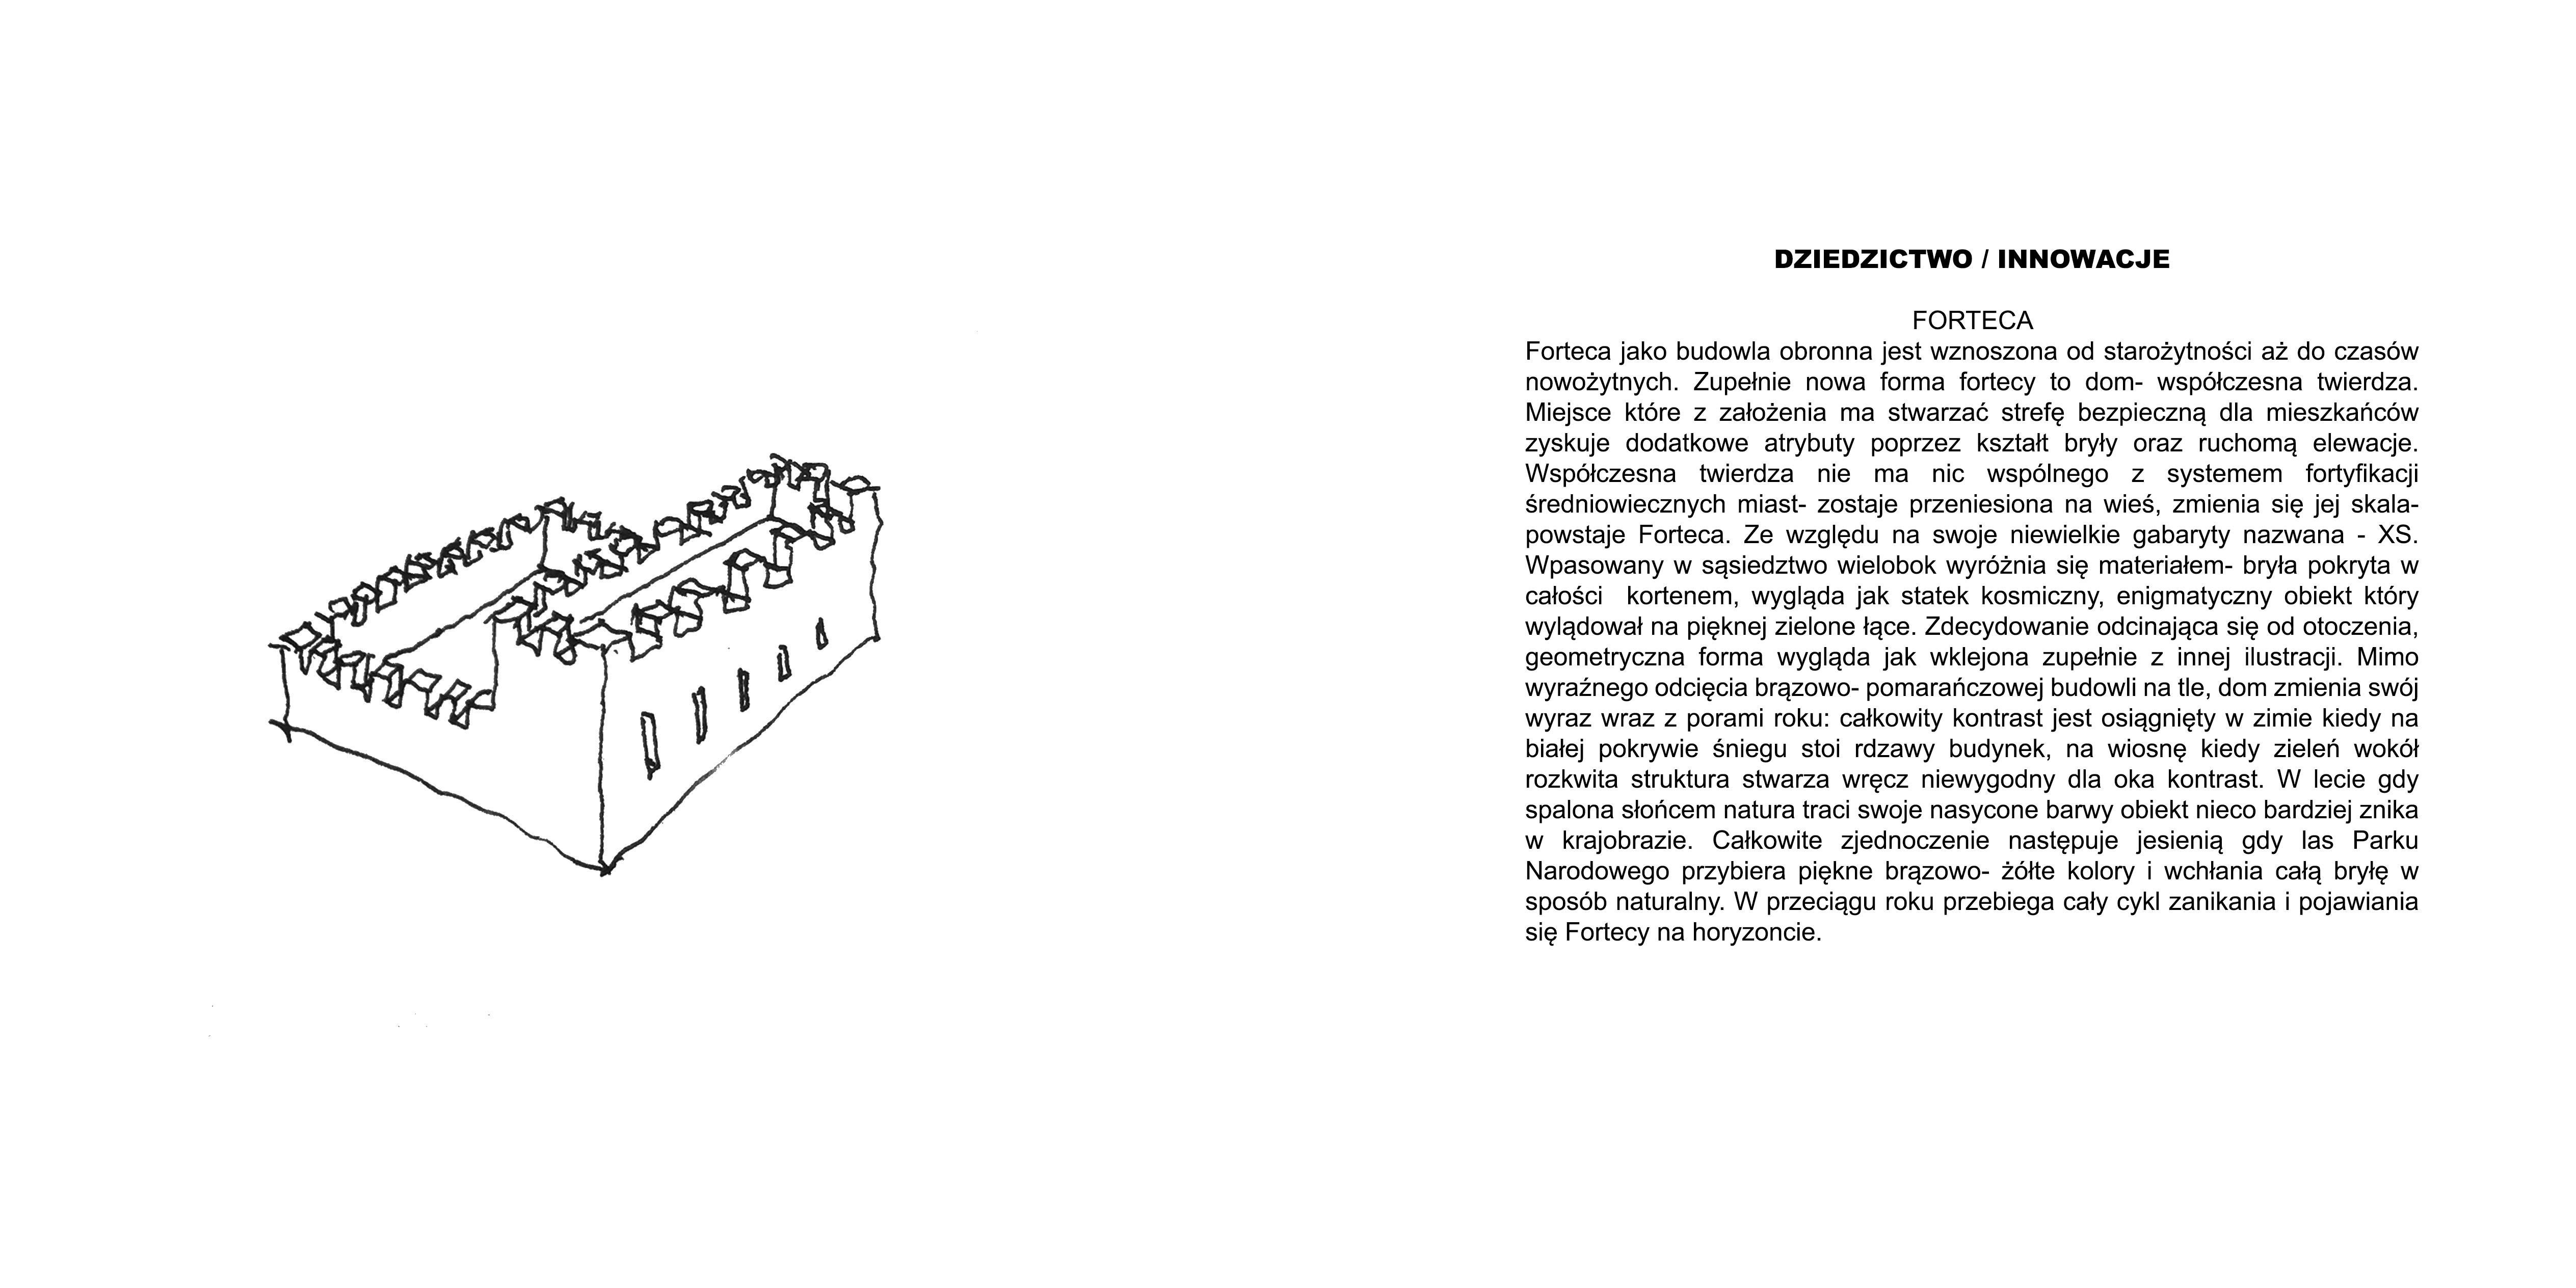 Forteca XS - Dziedzictwo/Innowacje - Forteca